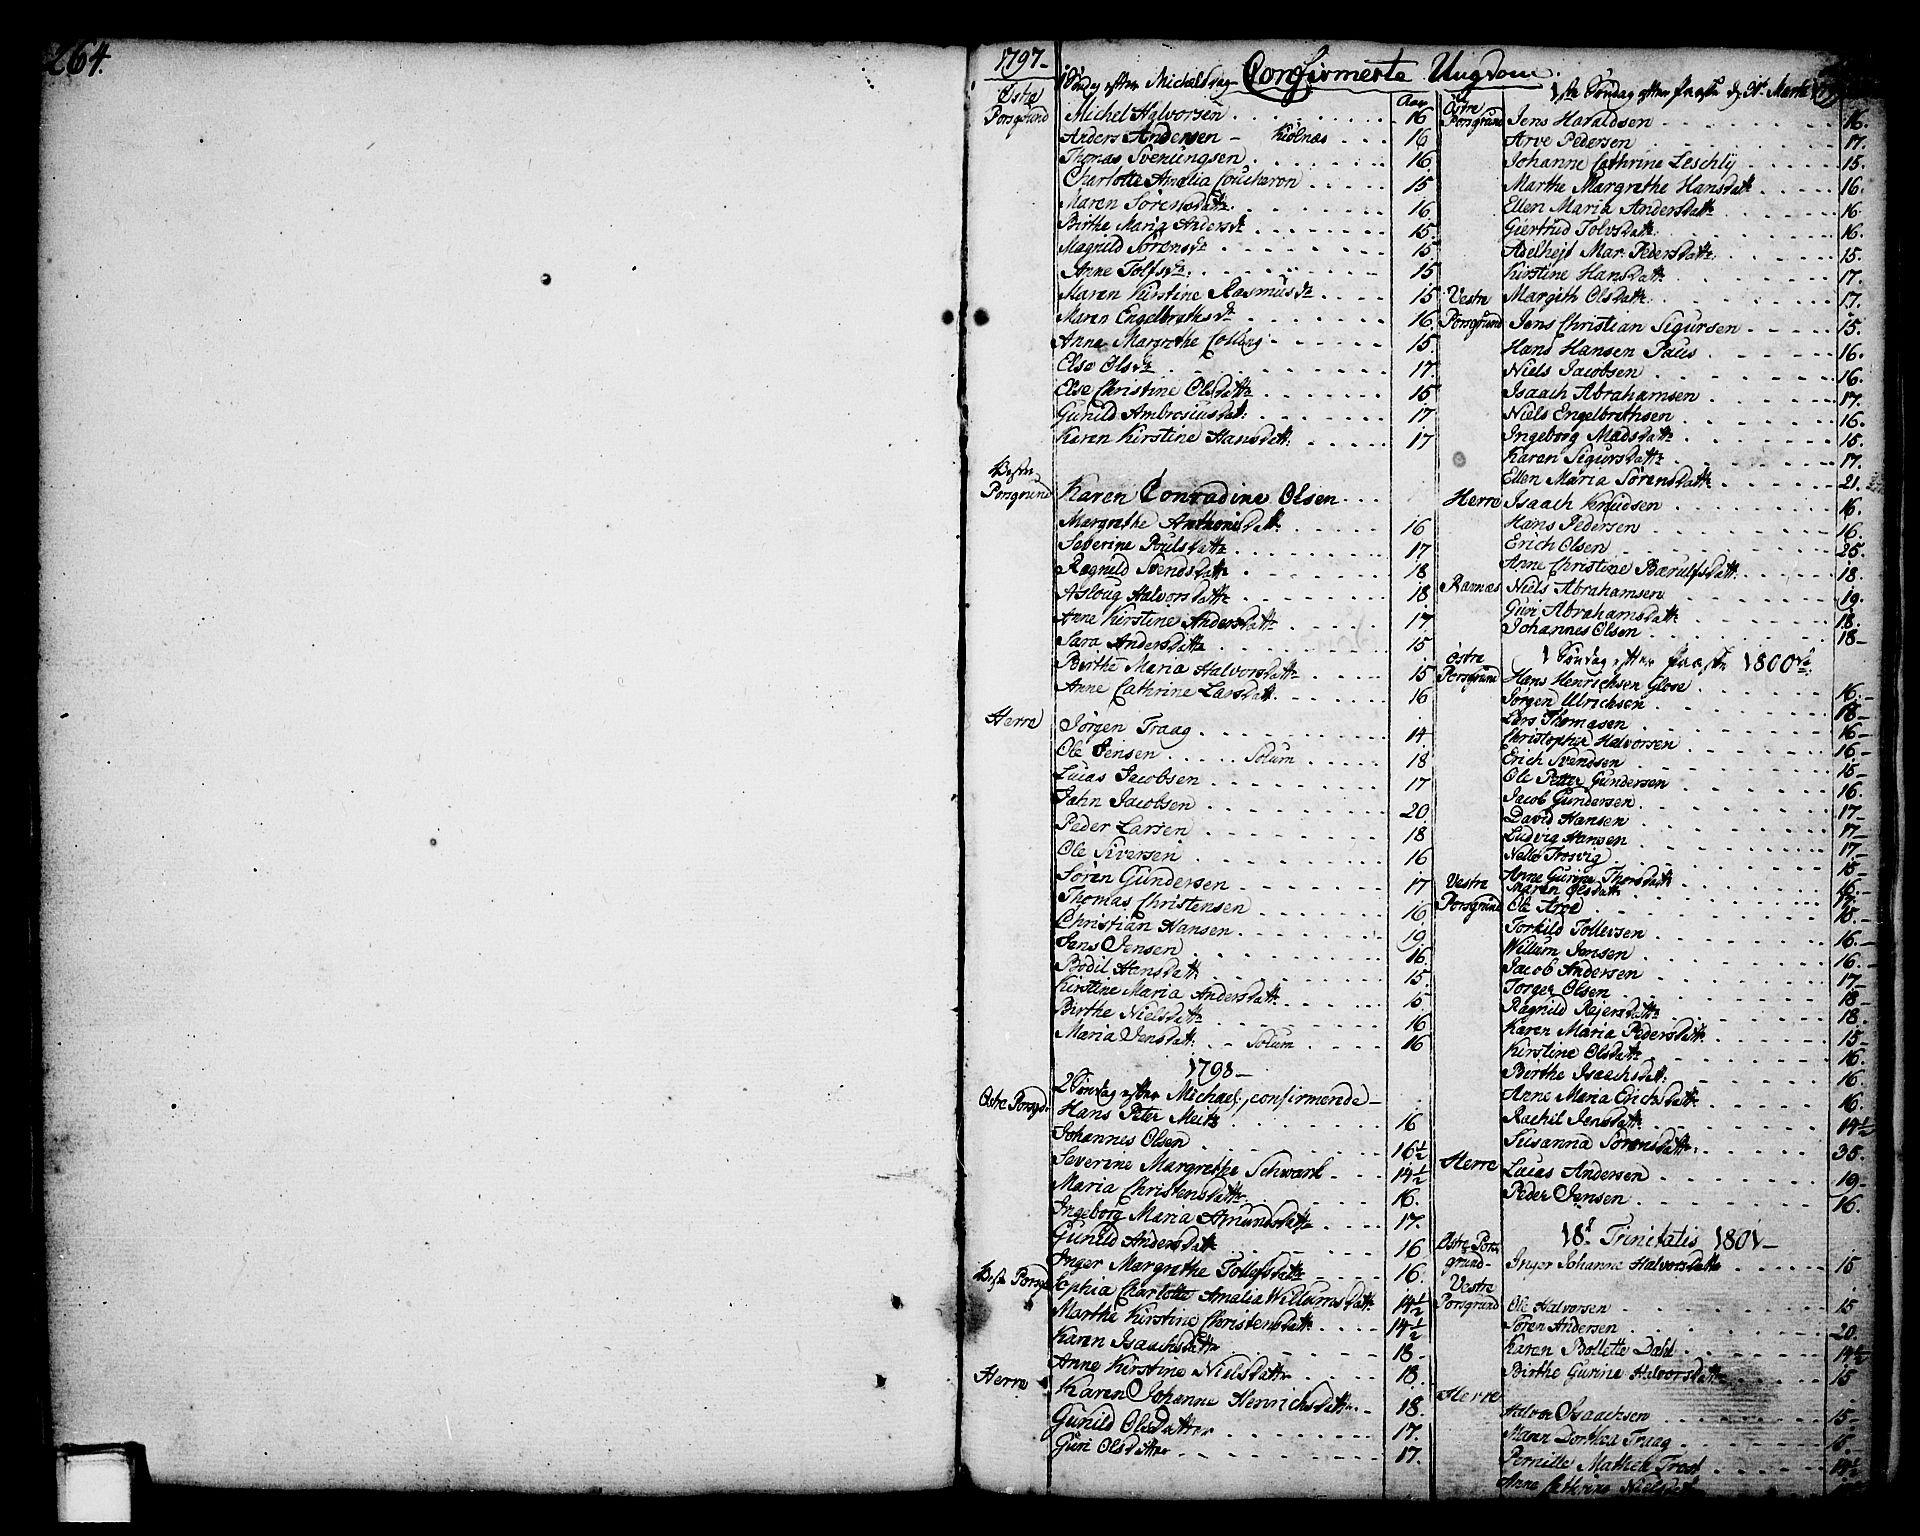 SAKO, Porsgrunn kirkebøker , F/Fa/L0001: Ministerialbok nr. 1, 1764-1814, s. 264-265